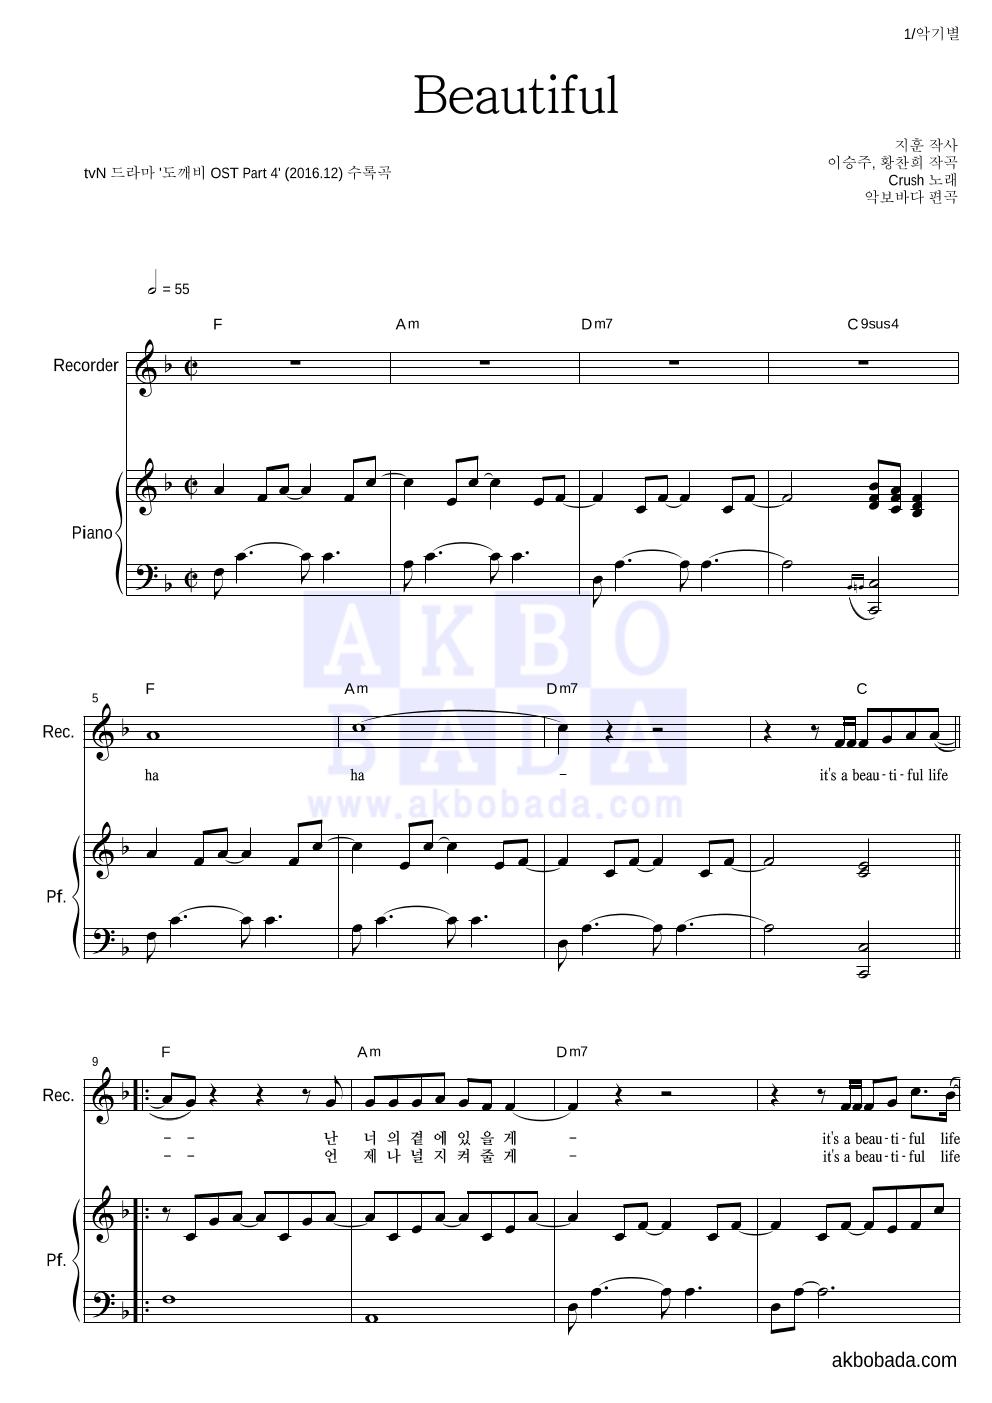 크러쉬 - Beautiful 리코더&피아노 악보